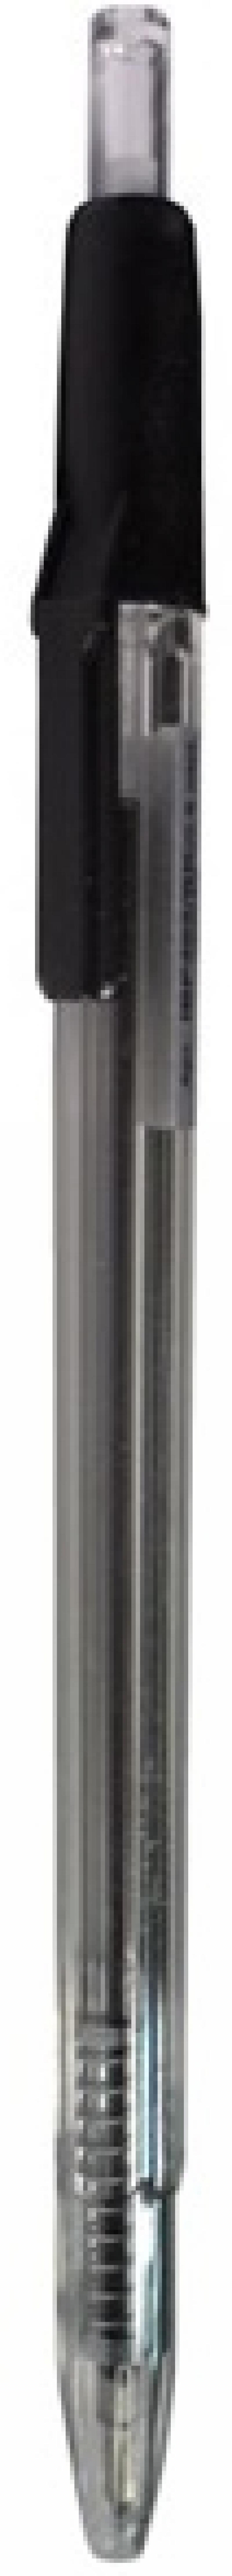 Шариковая ручка автоматическая Index Urbanistik черный 0.8 мм IBP405/BK